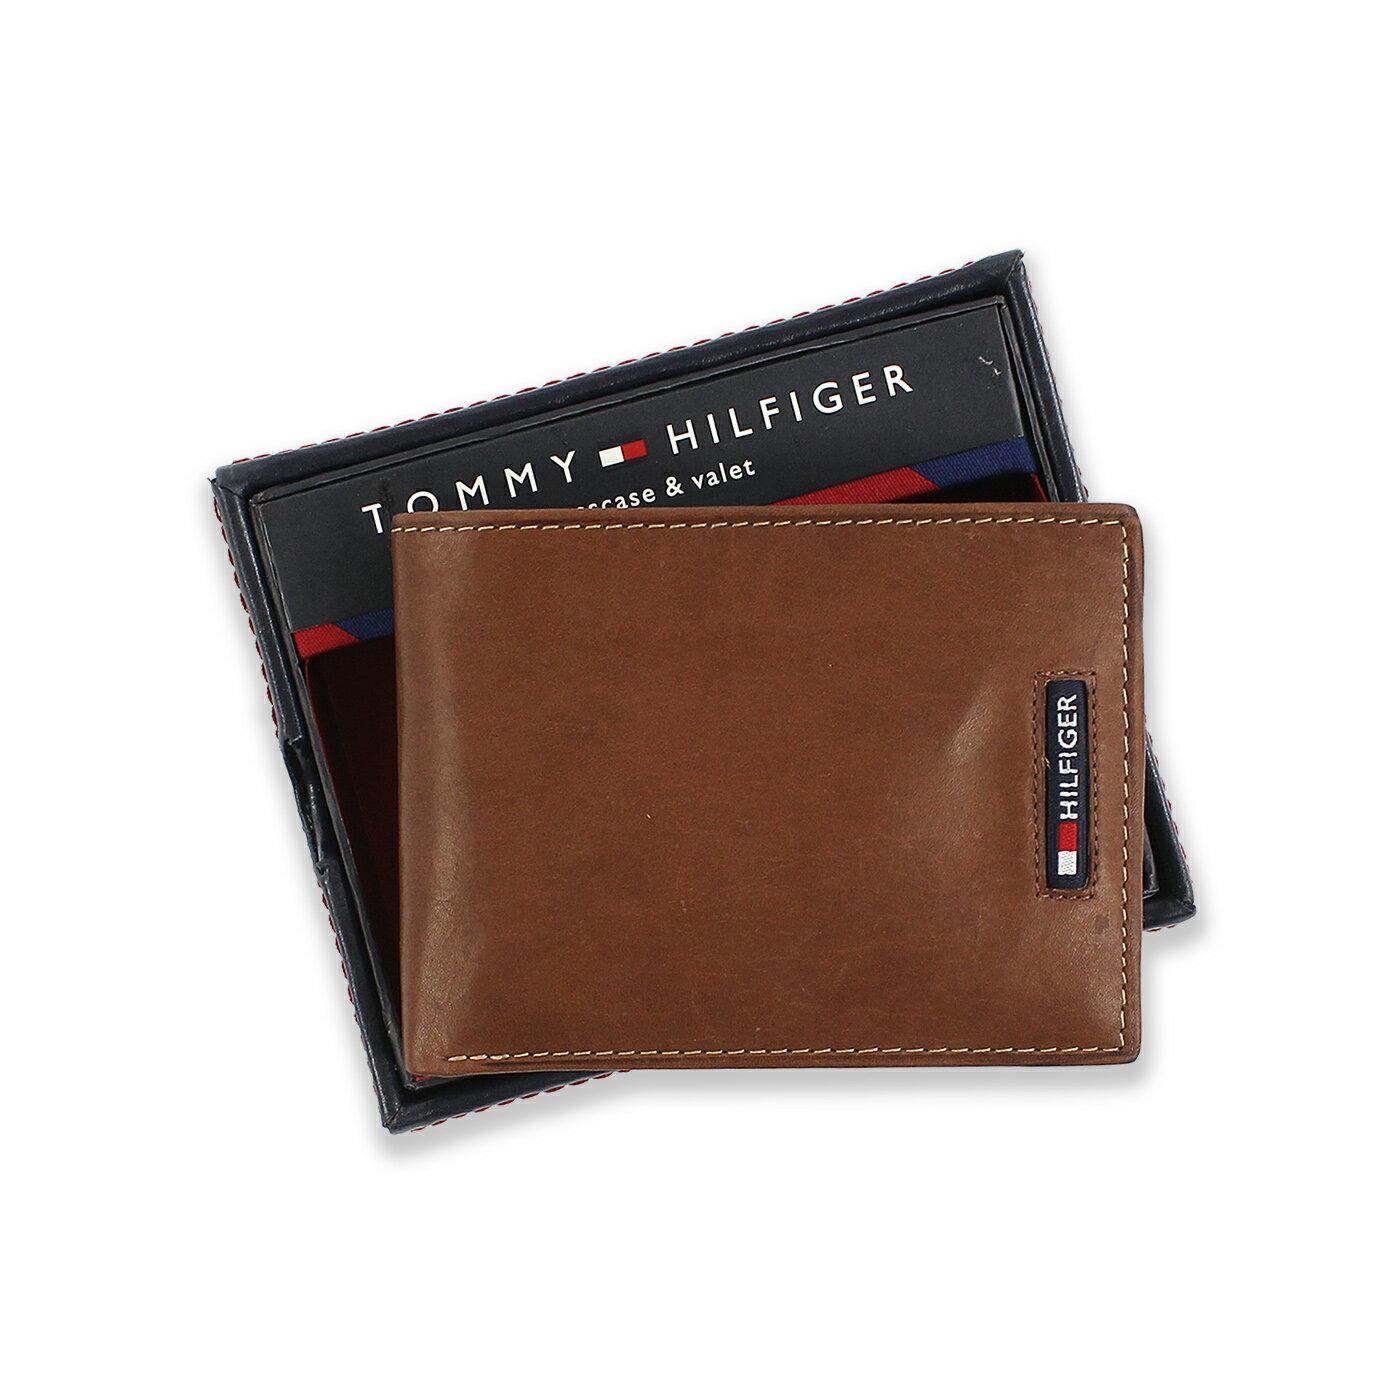 美國百分百【全新真品】Tommy Hilfiger 真皮 皮夾 皮包 卡片 TH 短夾 錢包 男 咖啡色 C799